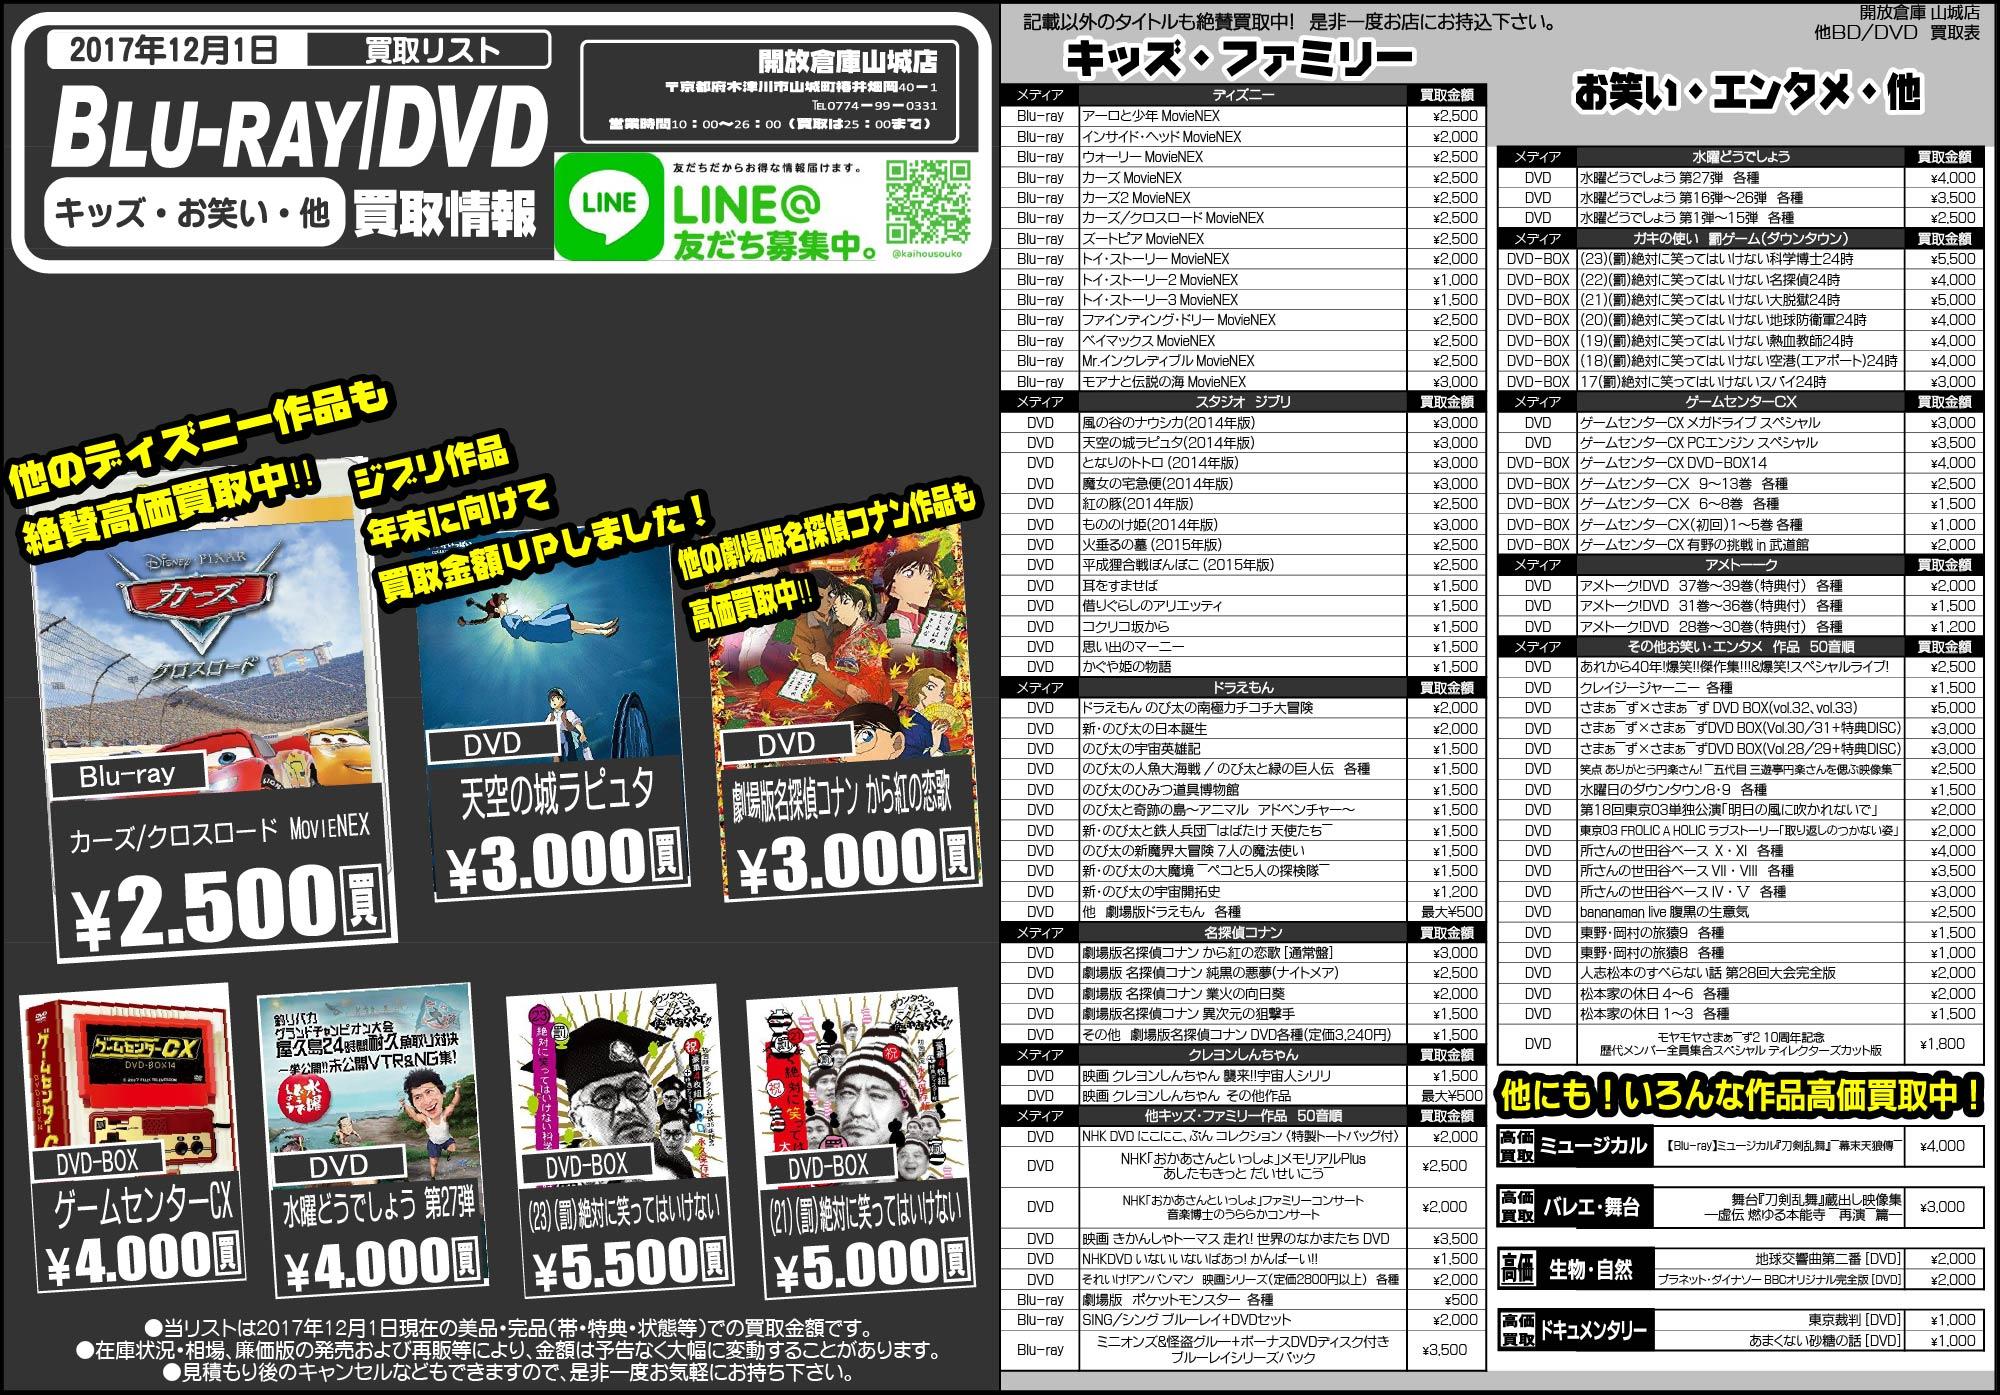 「開放倉庫山城店」Blu-ray・DVDコーナー<キッズ・ファミリー、お笑い・エンタメ・他買取告知>12月1日の買取リストを更新しました!